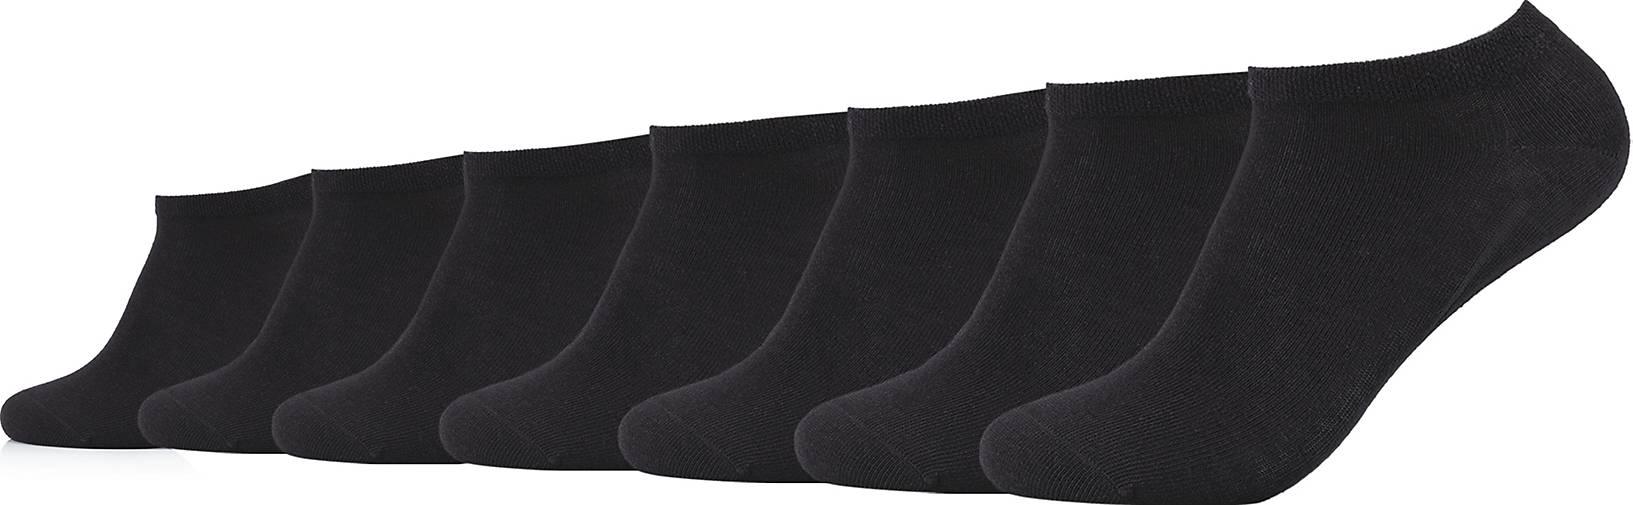 Camano 43/46 Sneaker-Socken